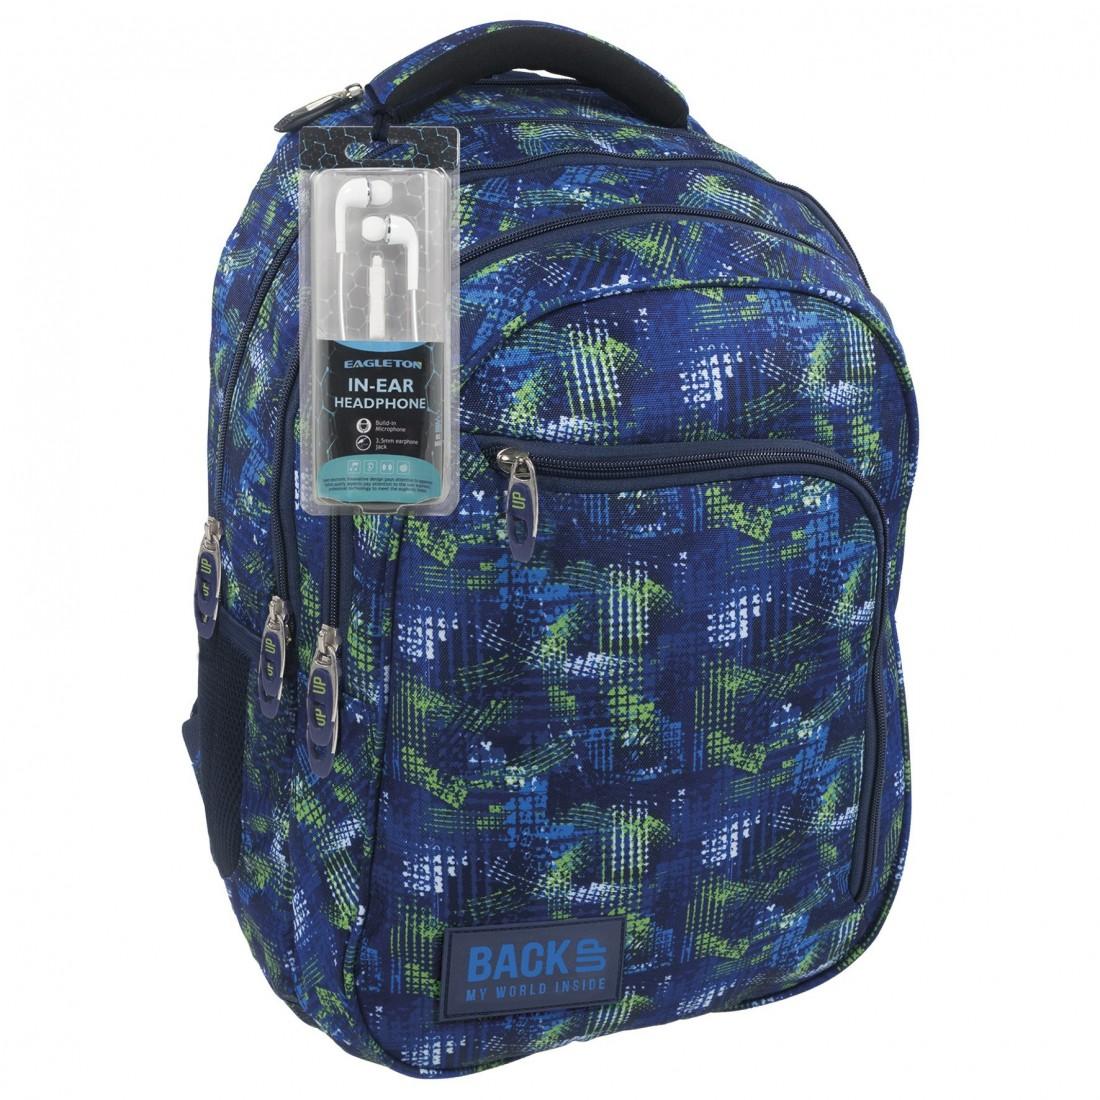 24e29f13853ba Chłopięcy plecak szkolny w zielono niebieskim motywie. Dodatkowo do plecaka  załączone są zupełnie za darmo słuchawki.